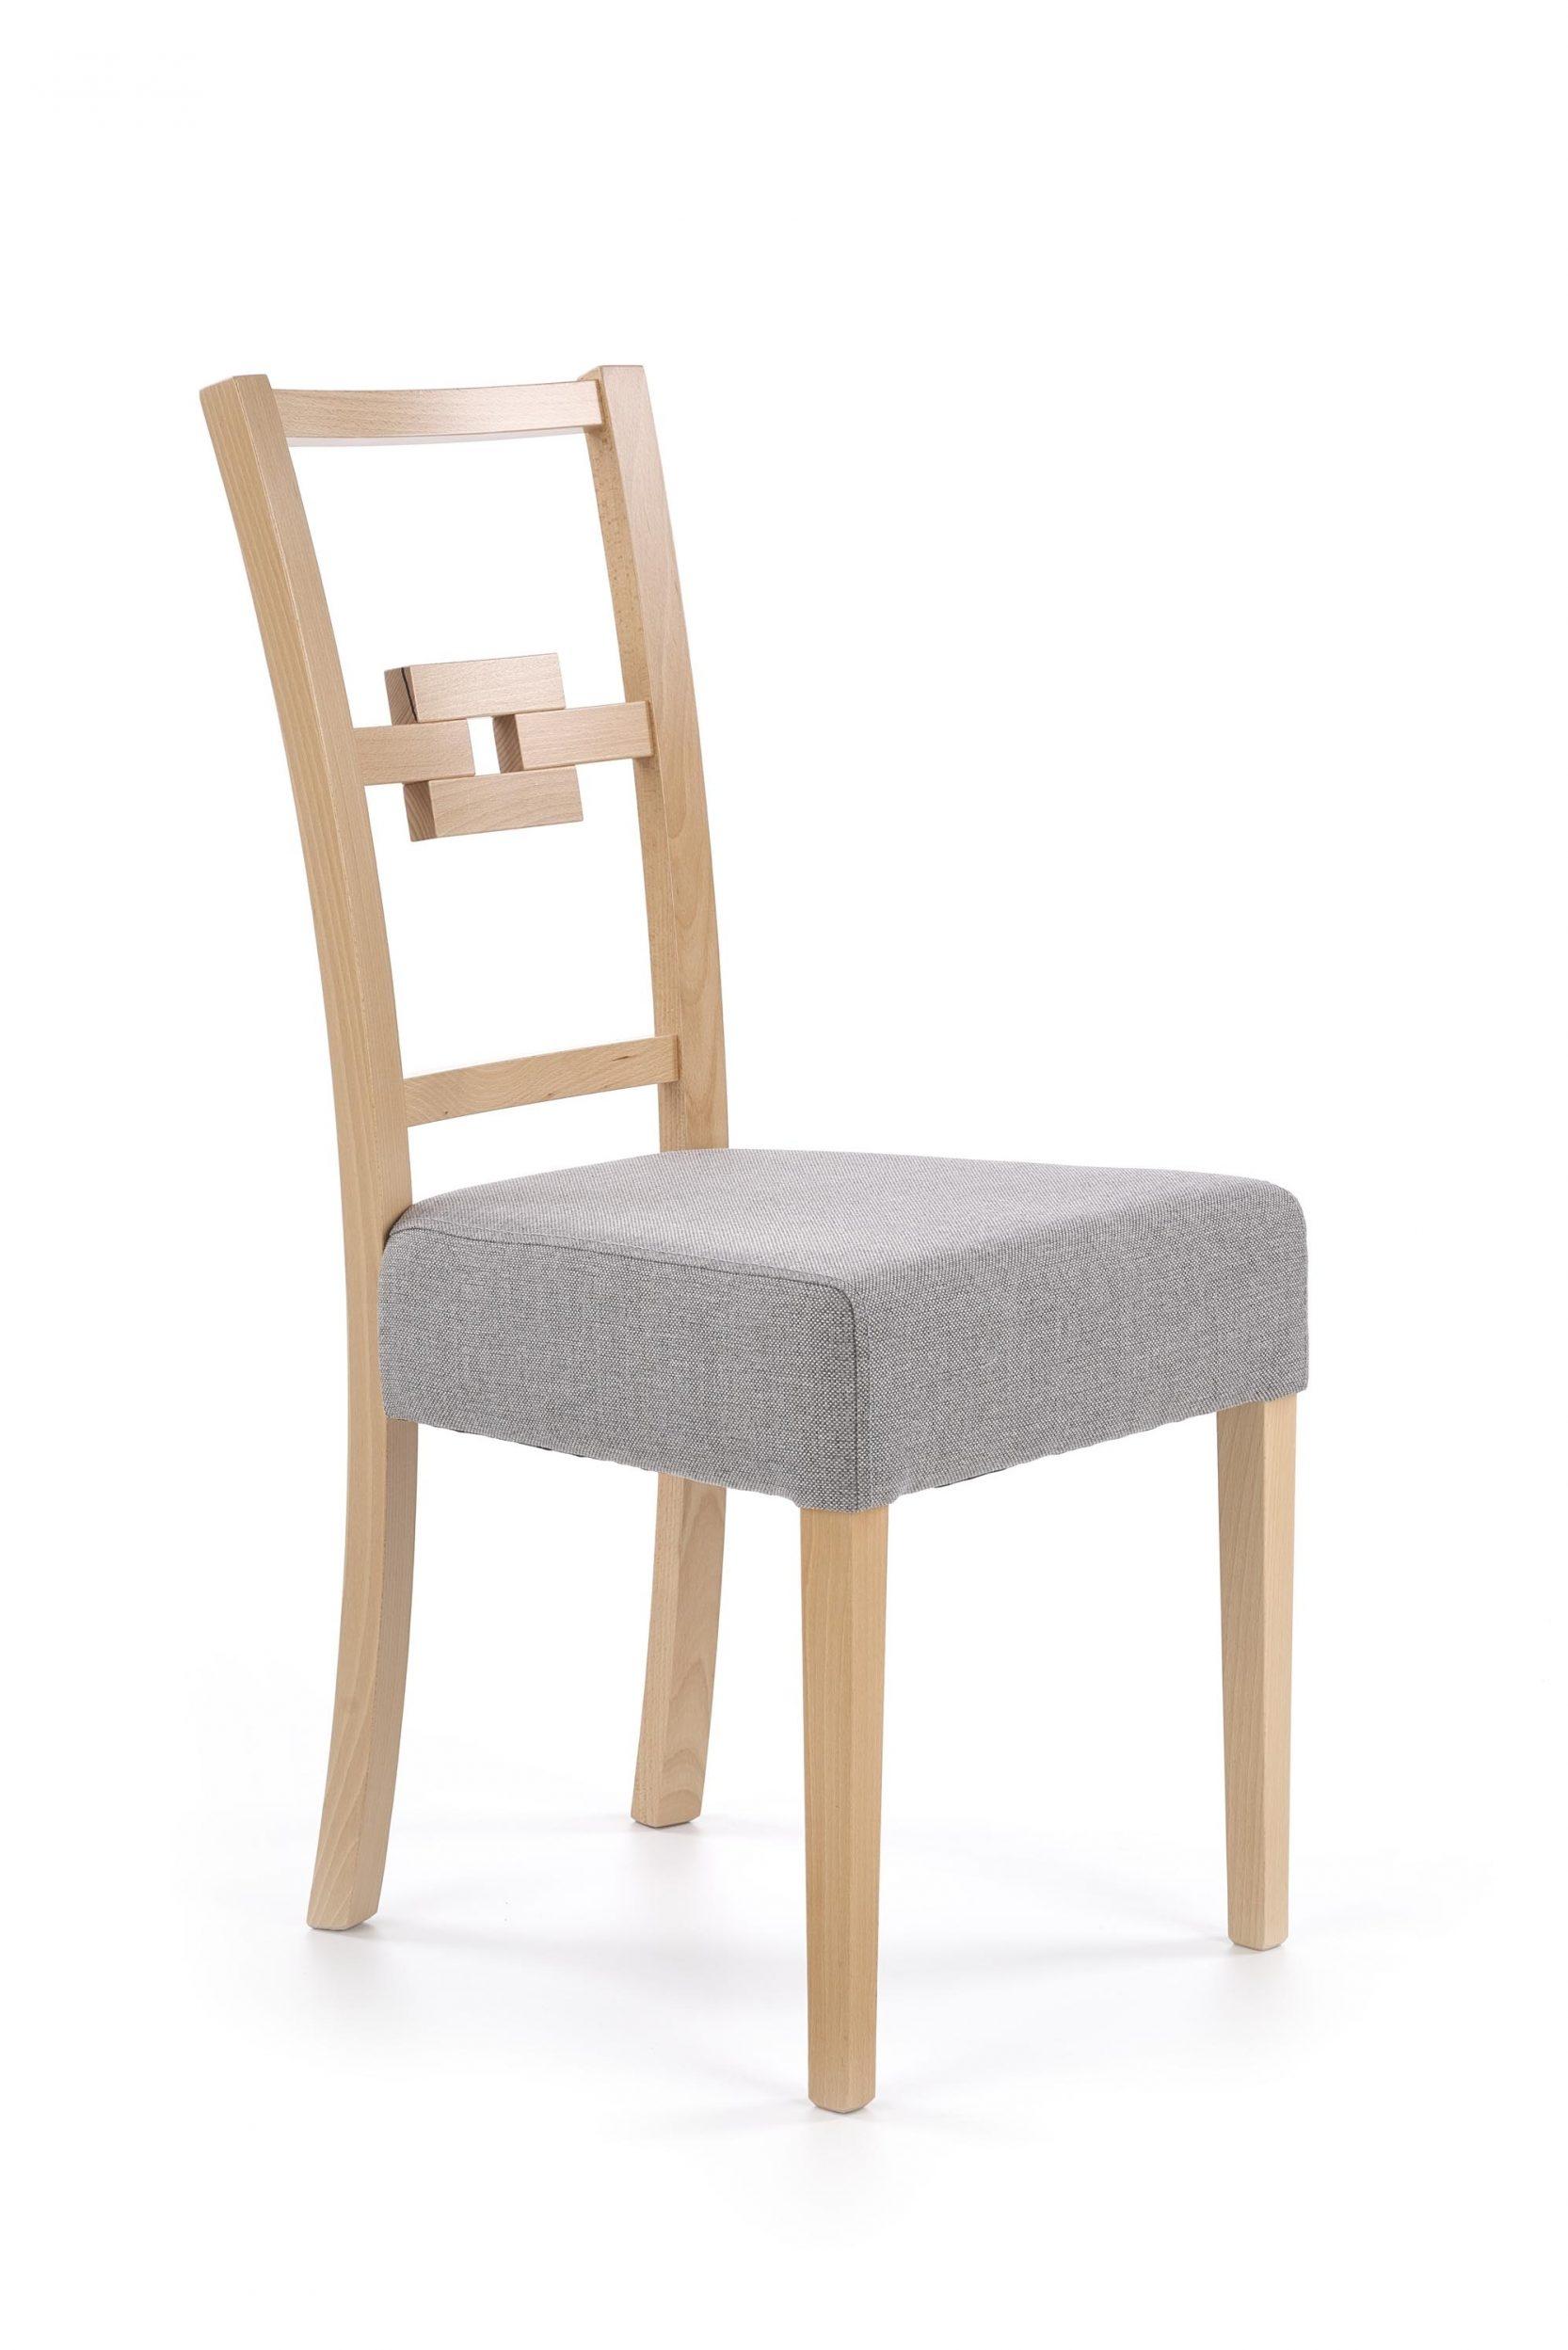 Scaun tapitat cu stofa, cu picioare din lemn Stan Gri / Stejar, l44xA58xH97 cm imagine